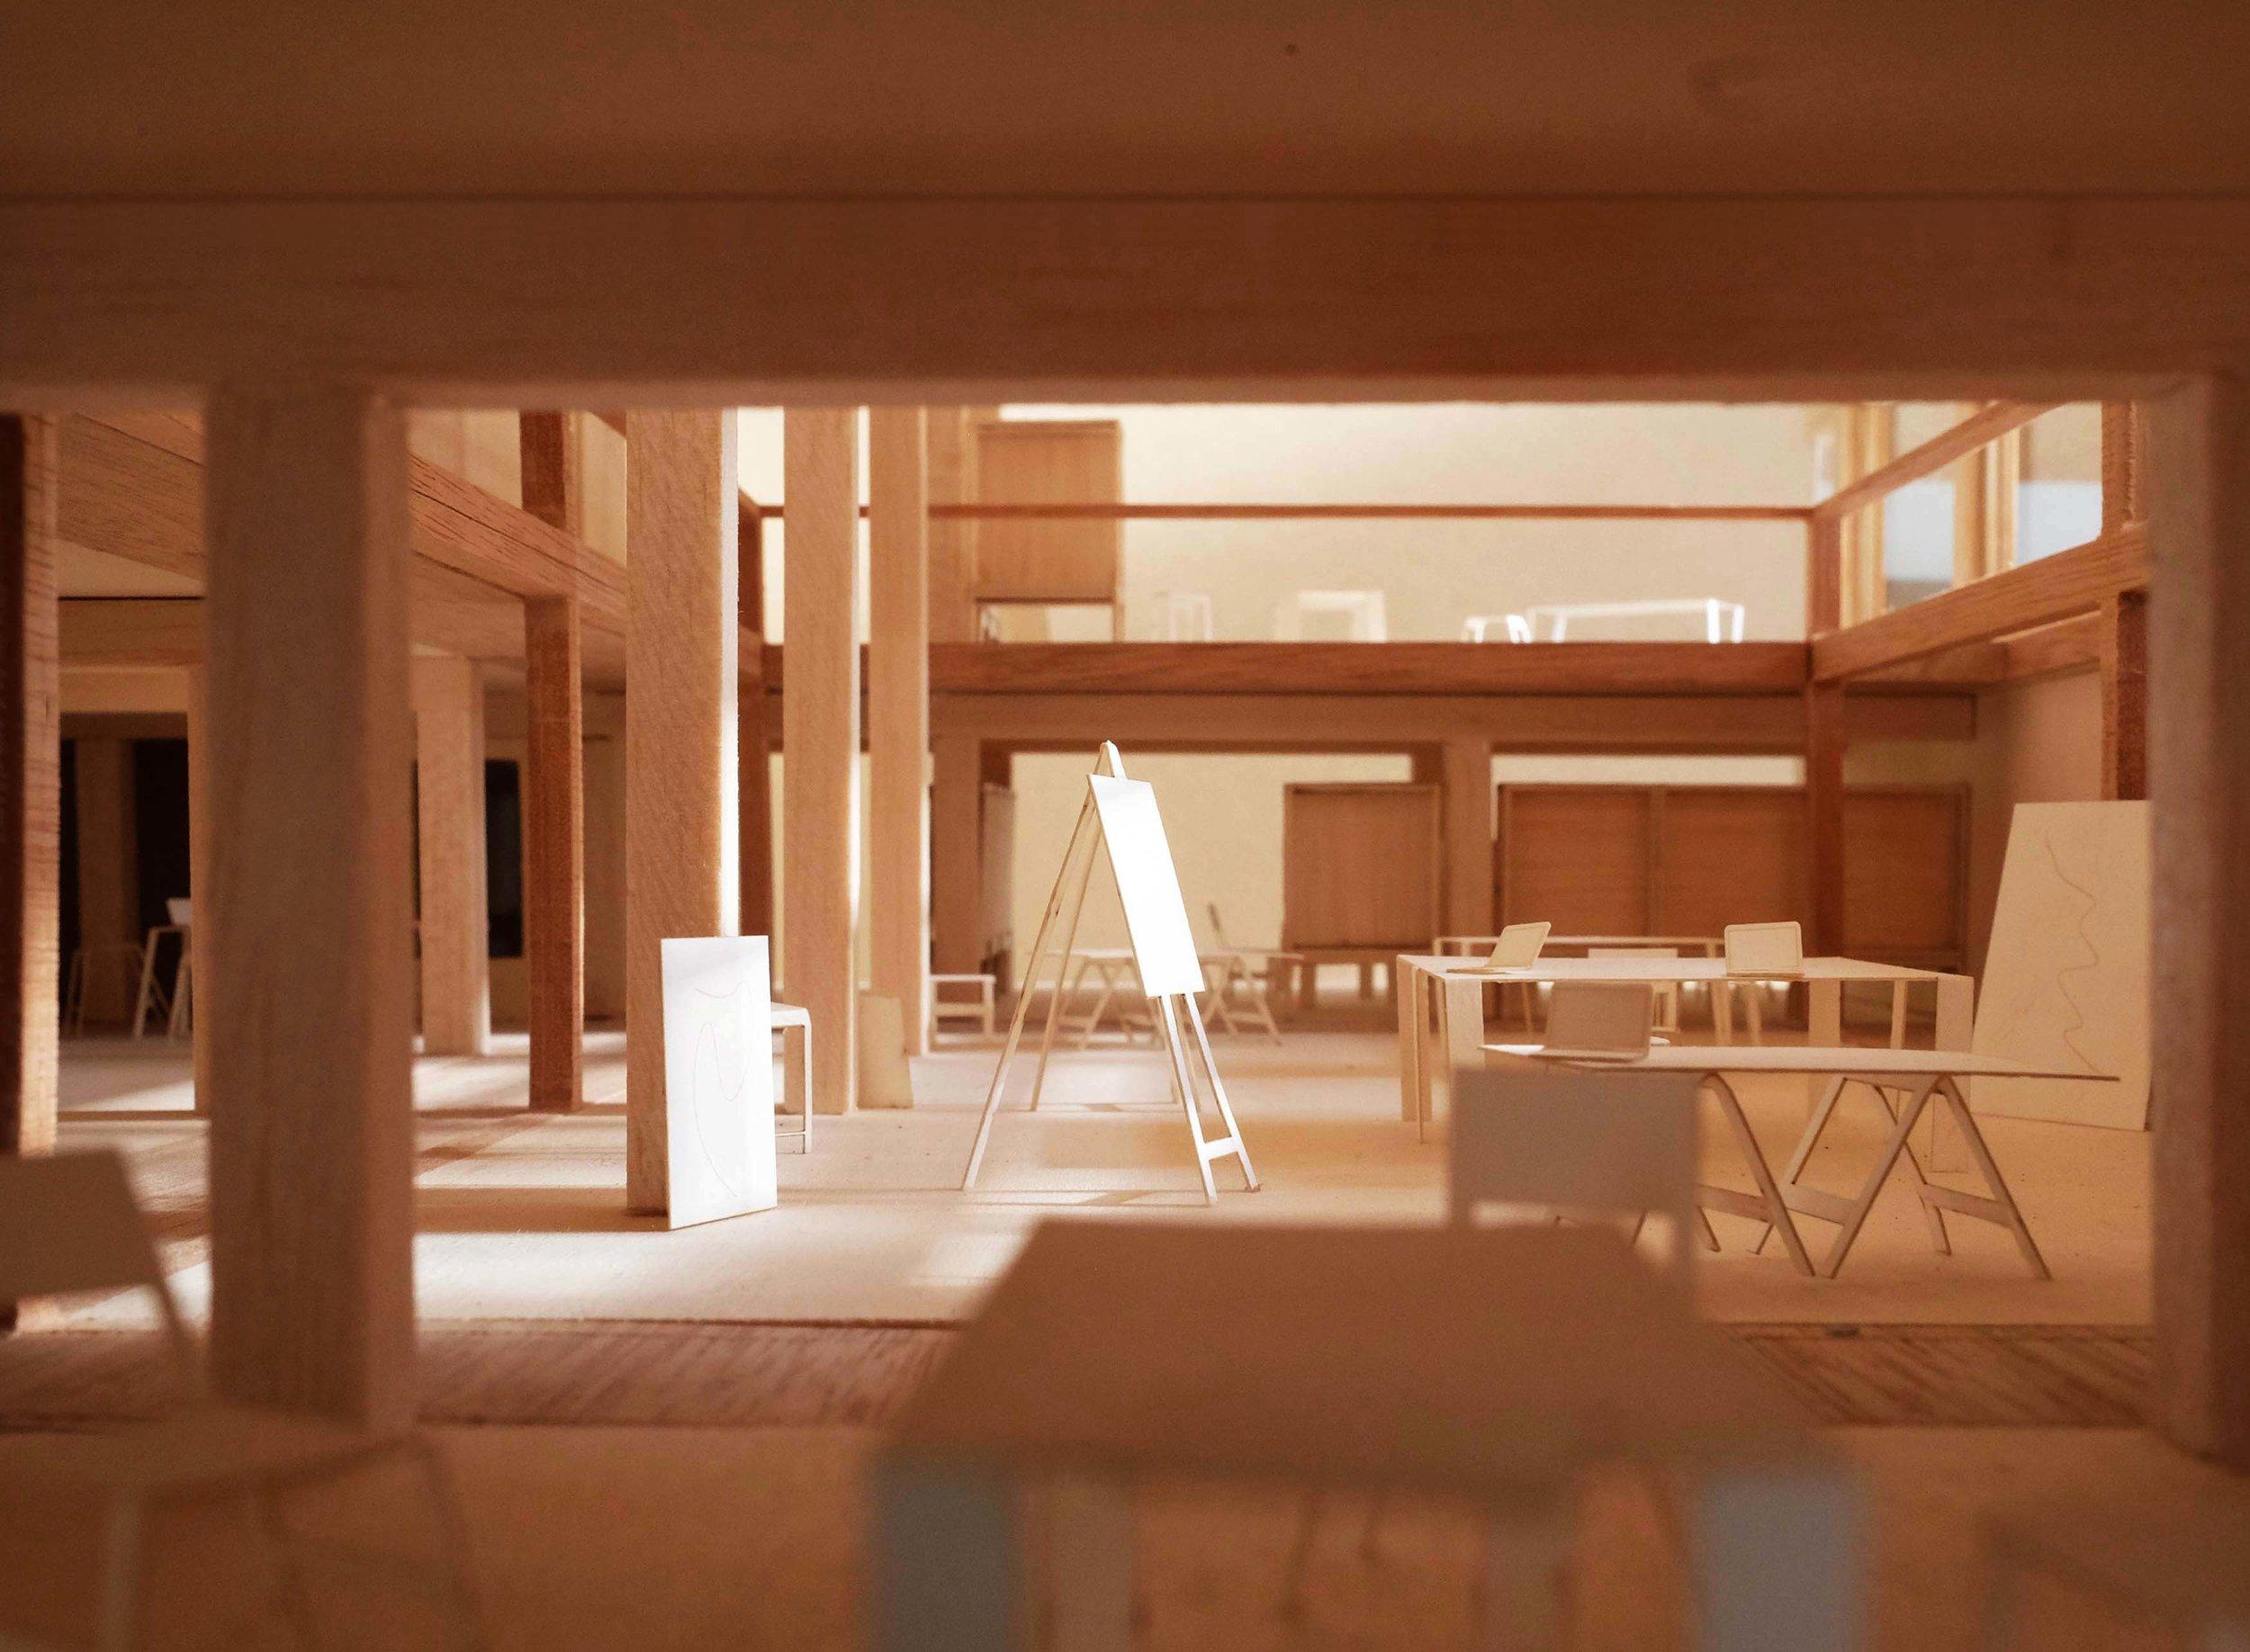 1_33_basement_mvk.jpg